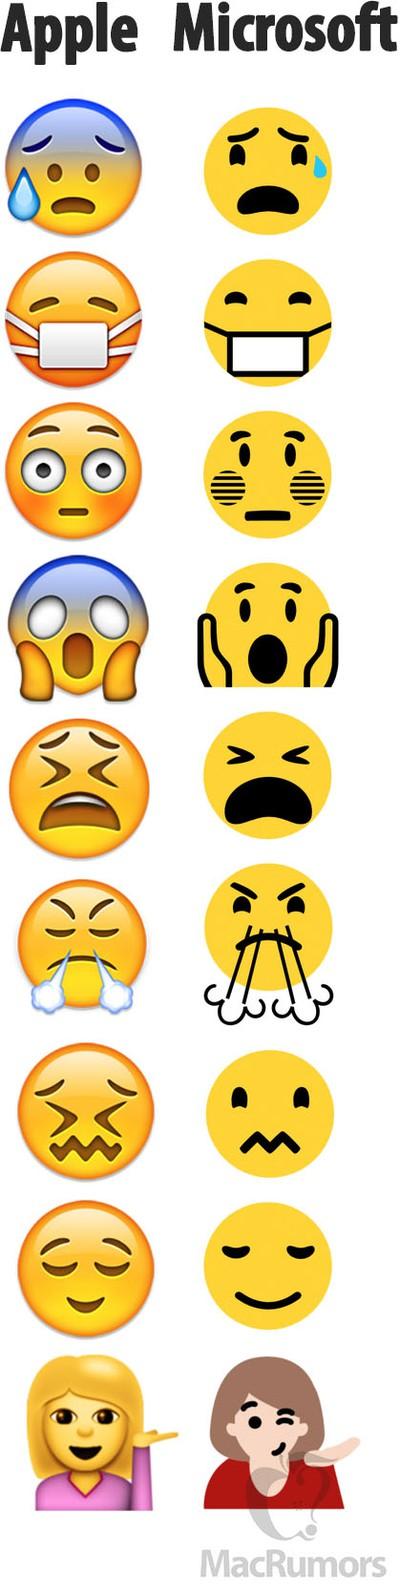 Apple vs Microsoft Emojis